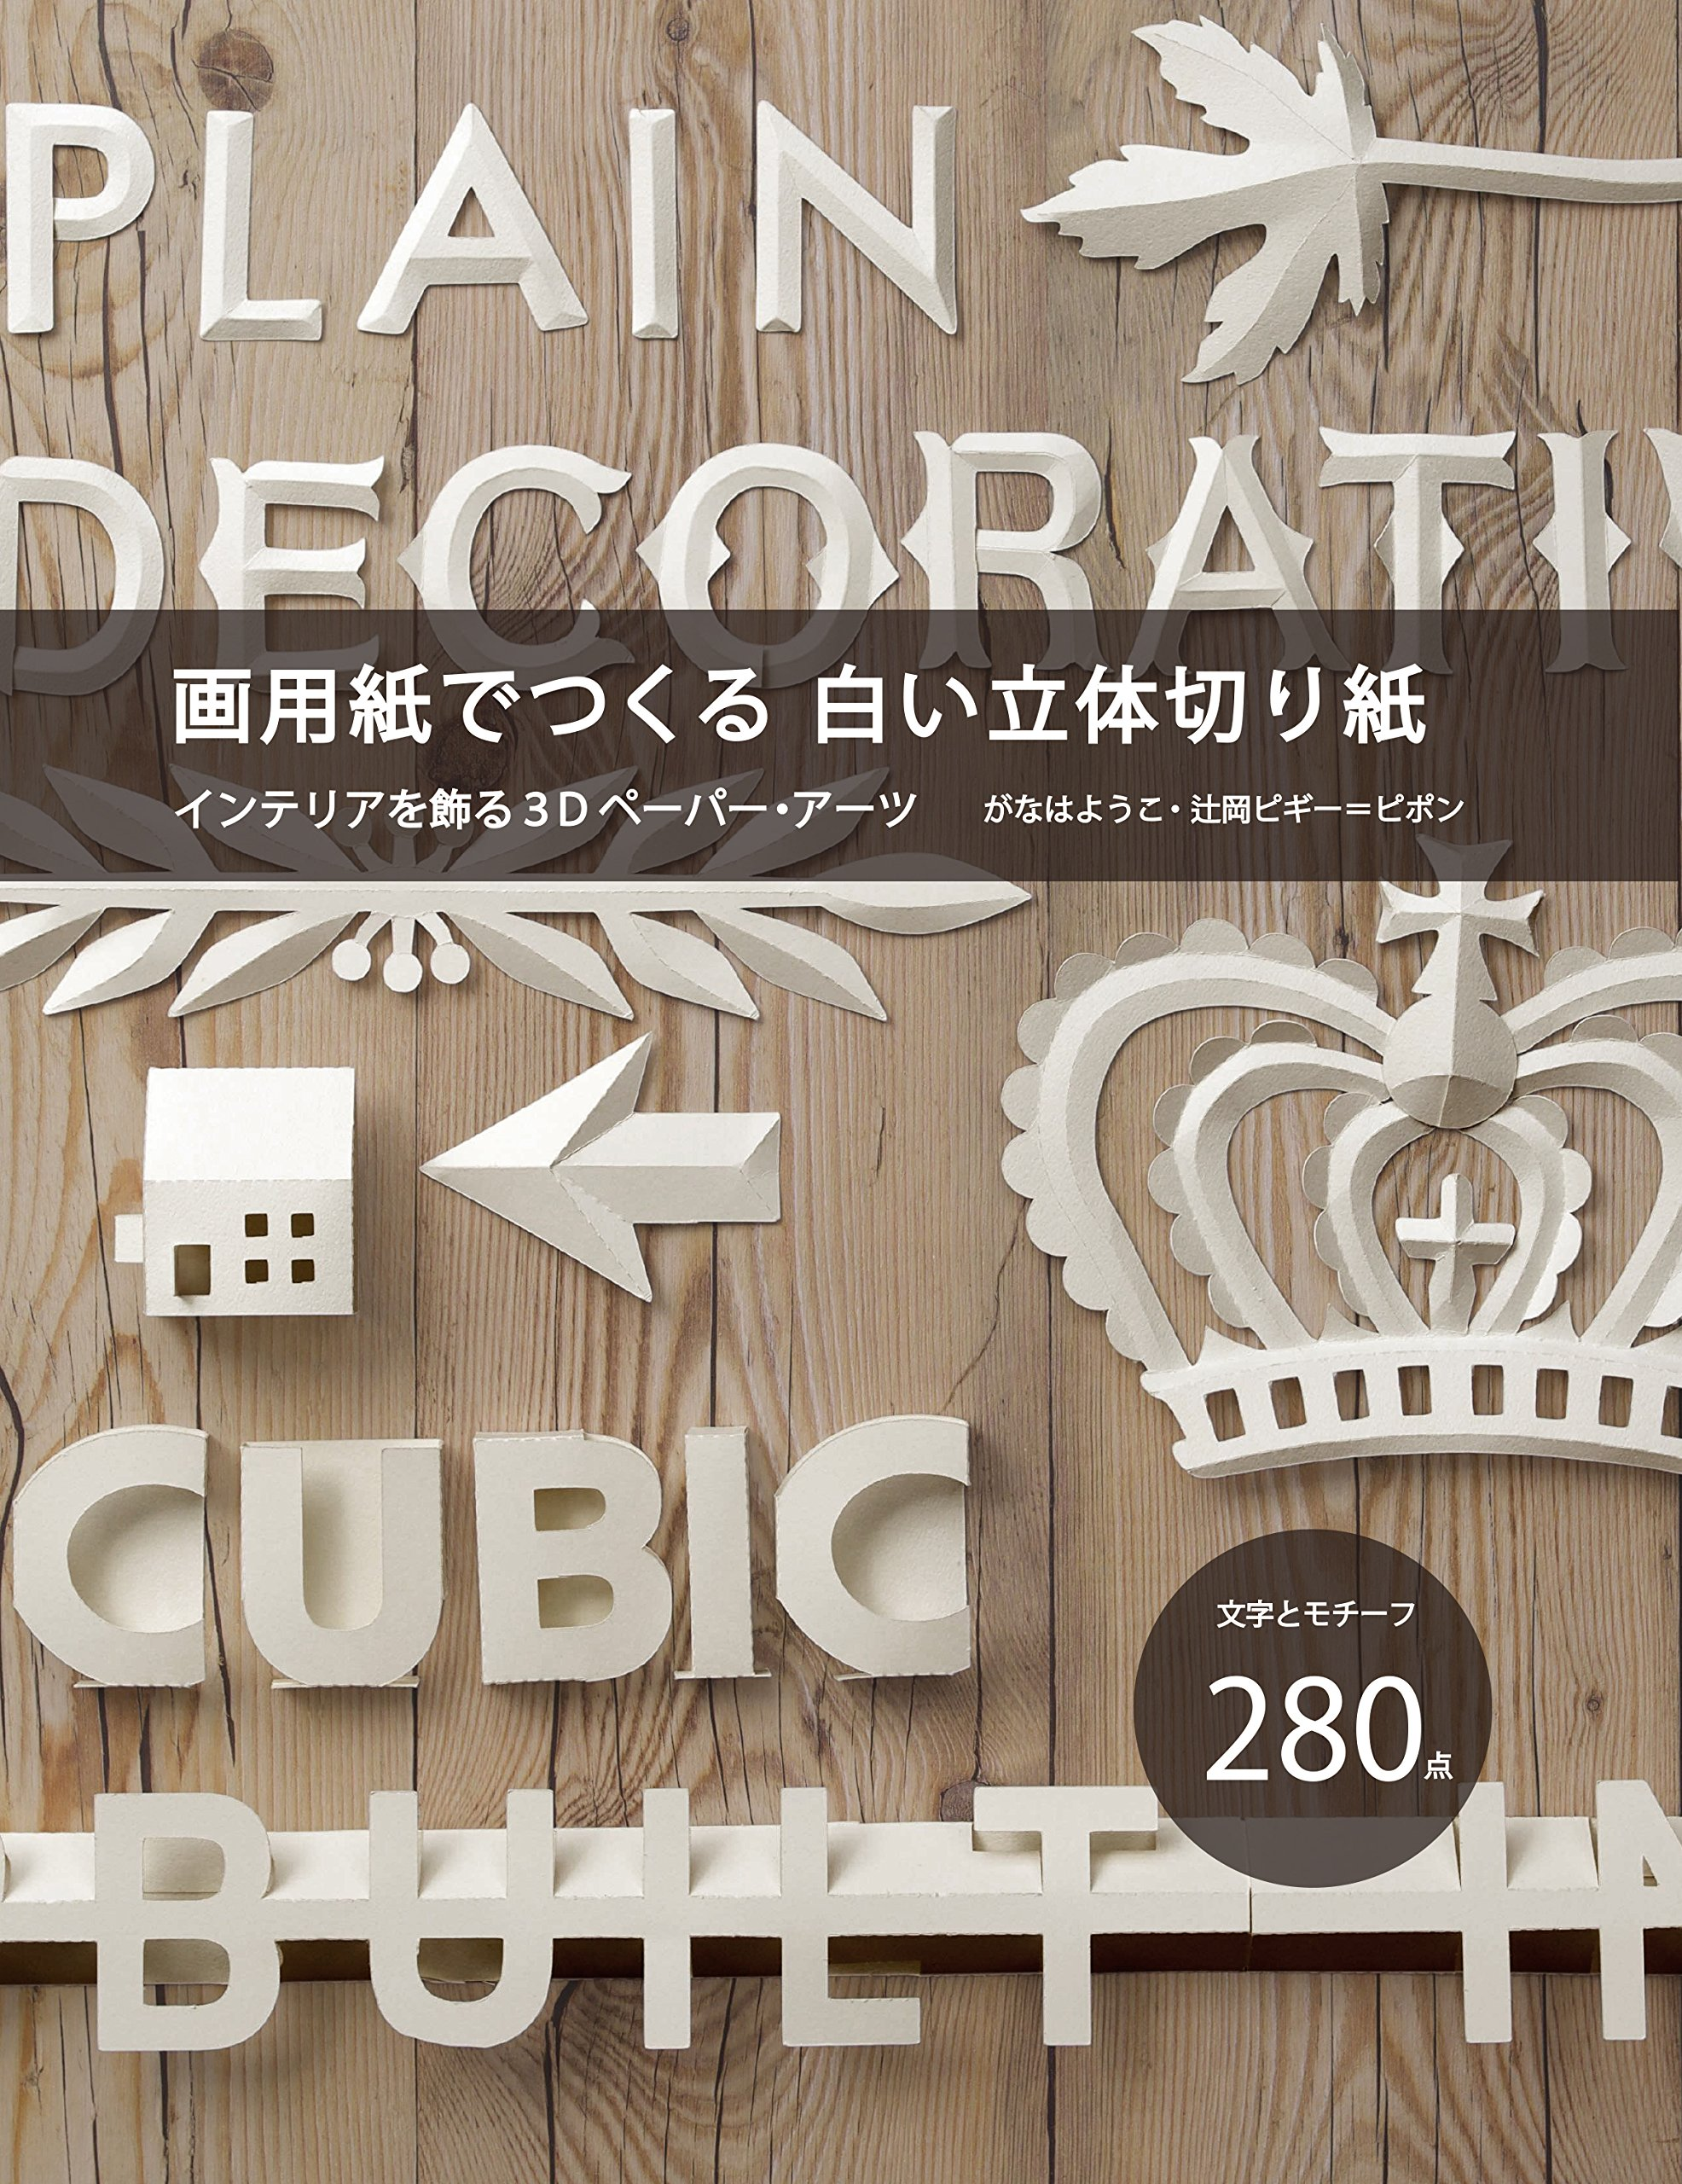 White 3D paper cutting